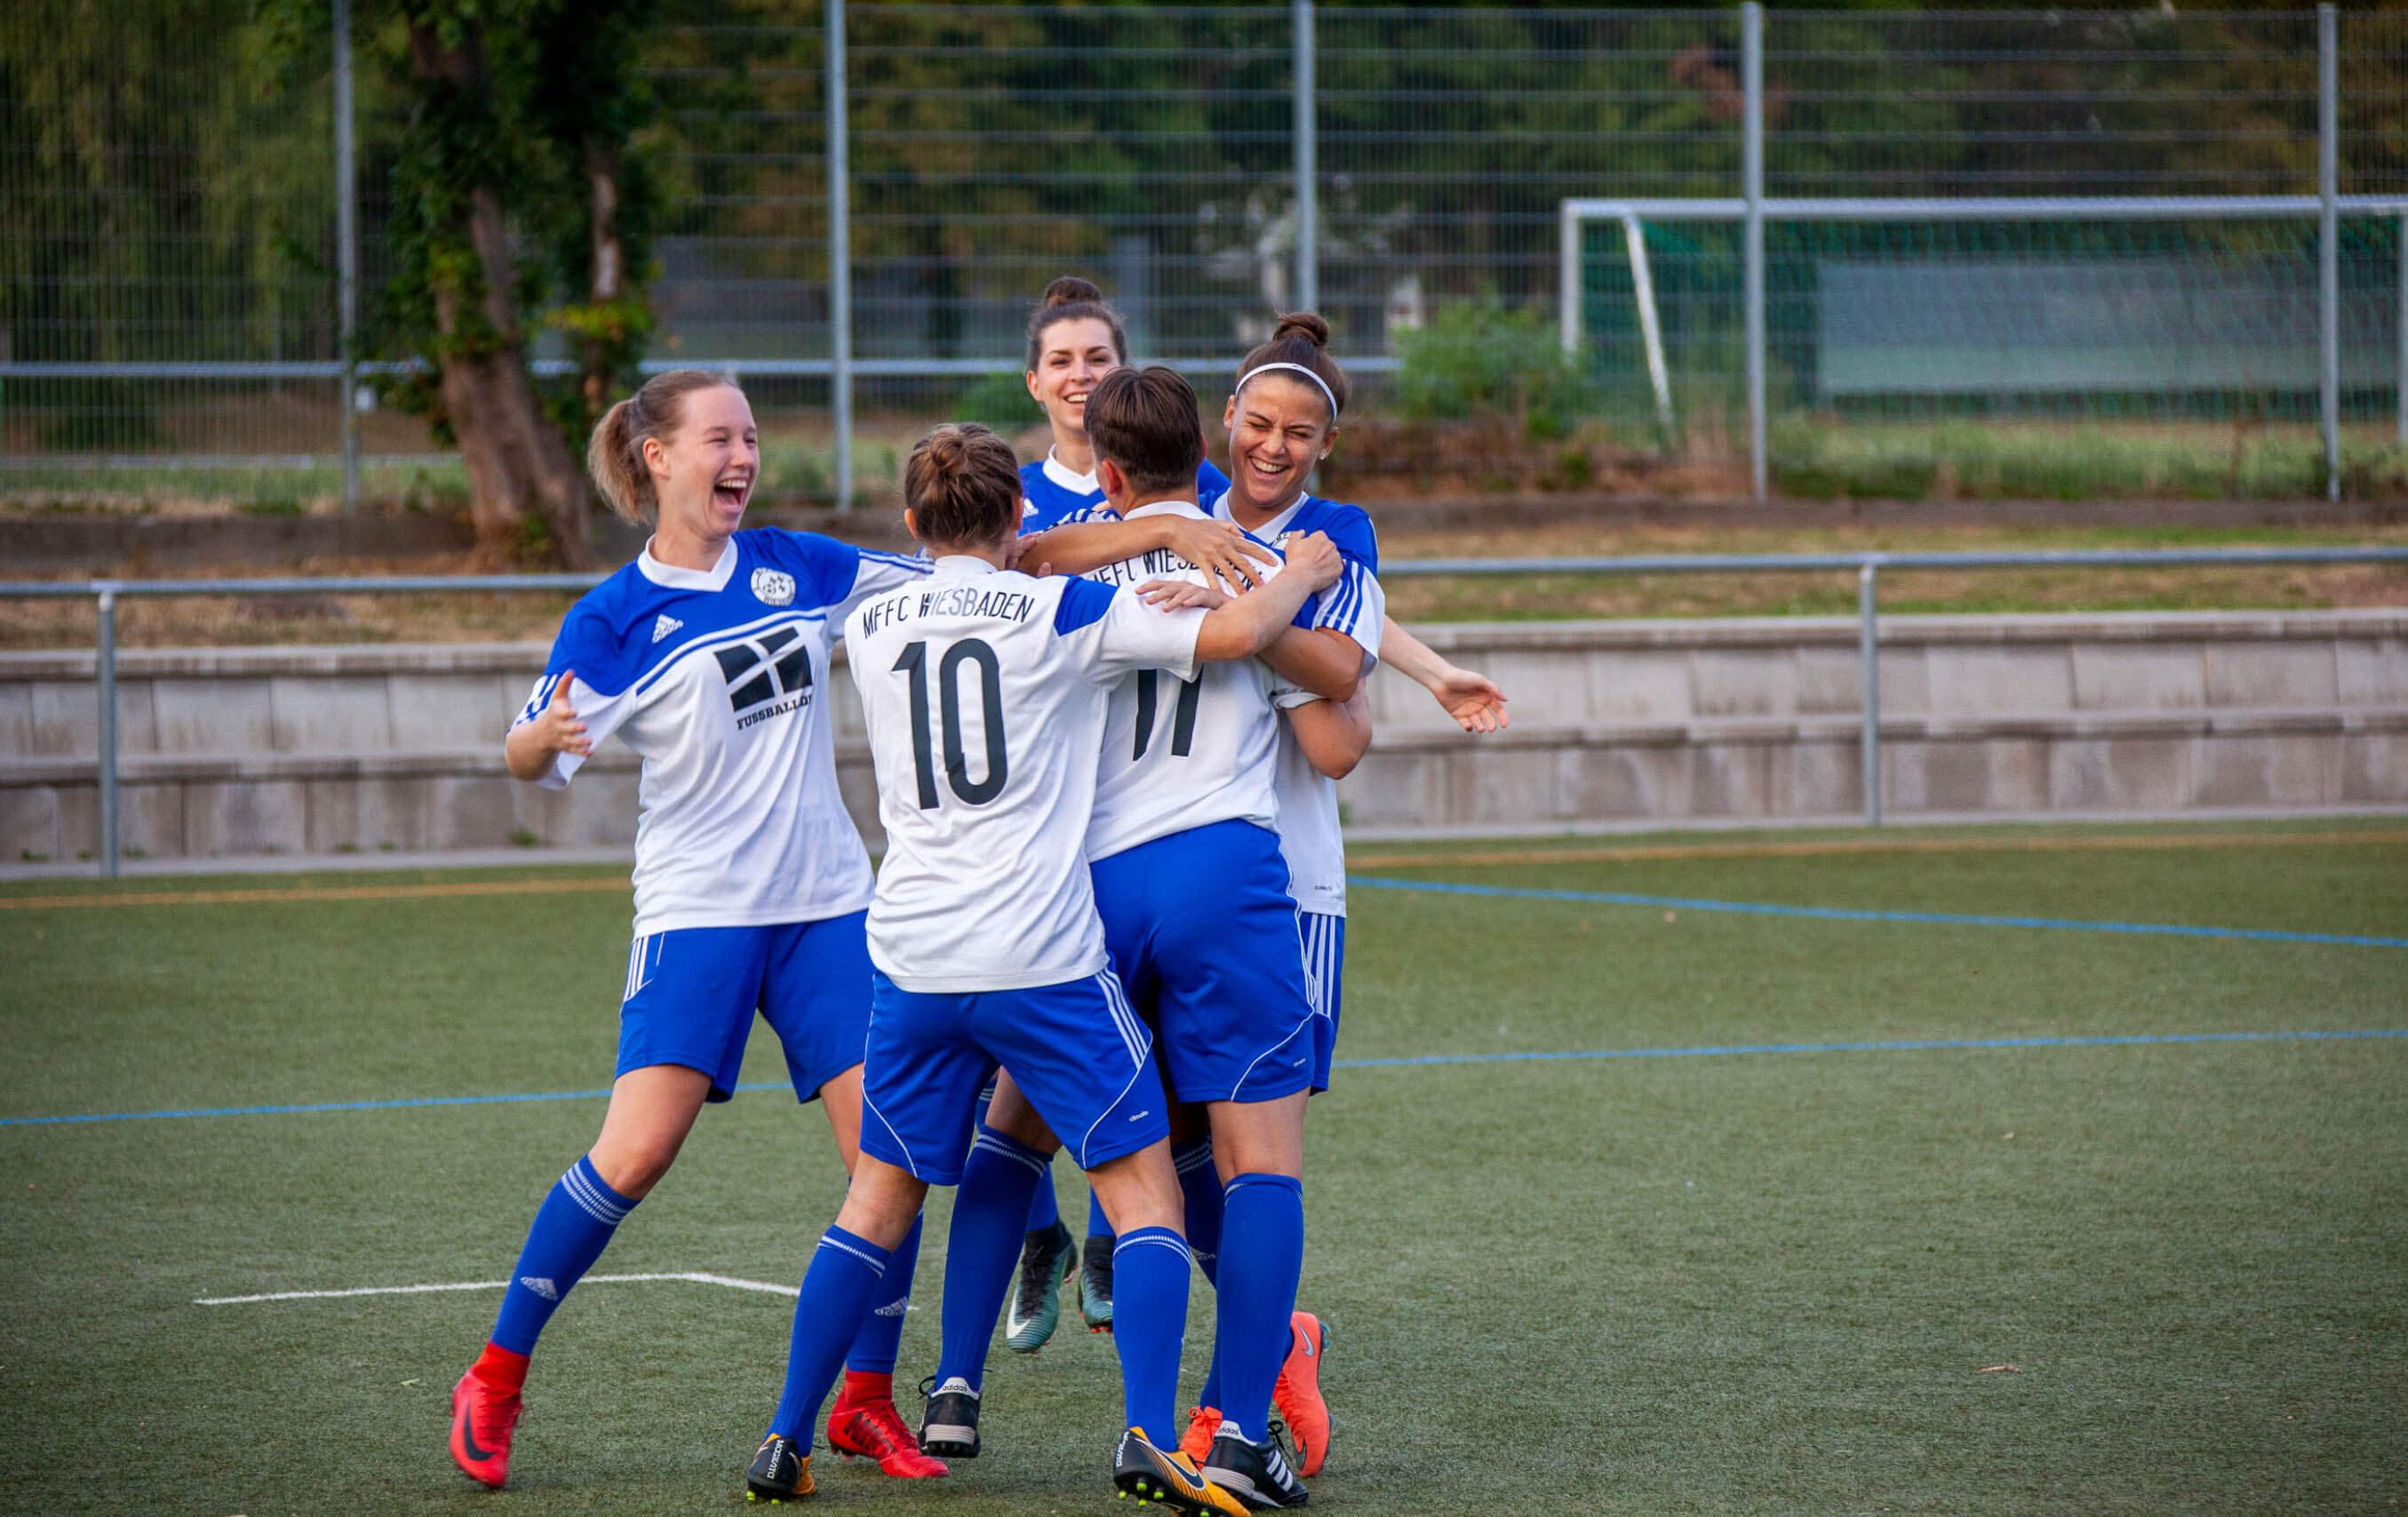 Frauenfußball Wiesbaden